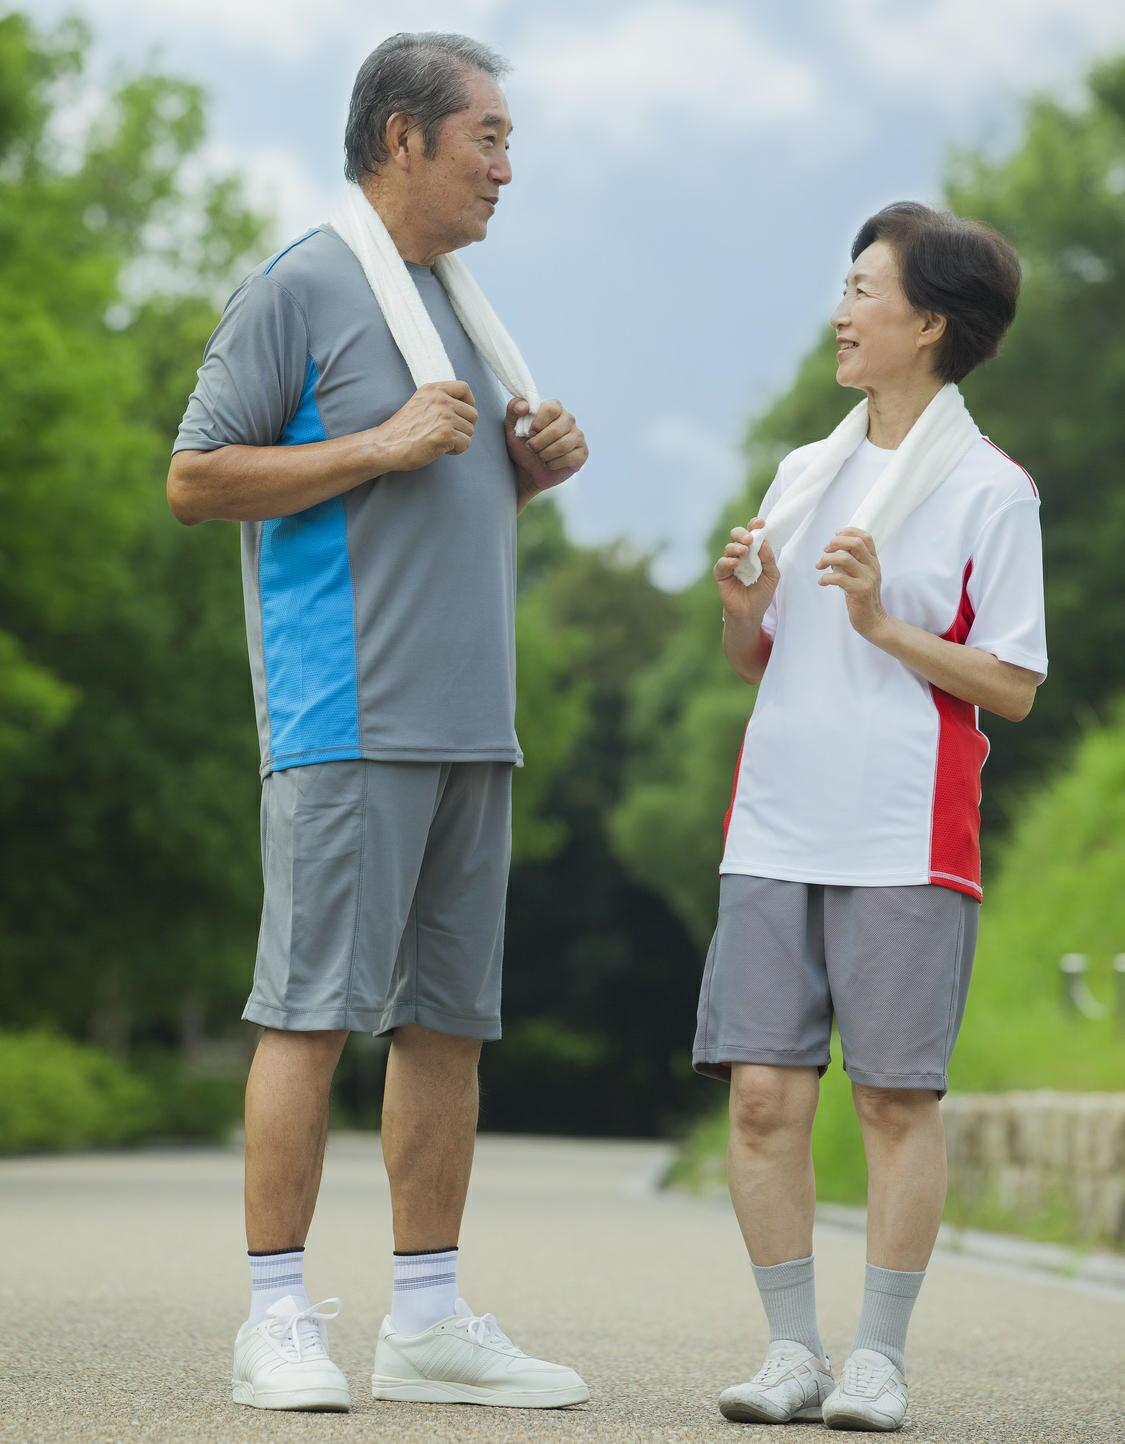 運動が高齢者の「ADL(日常生活動作)」を高める 1日1万歩を達成できなくても効果がある